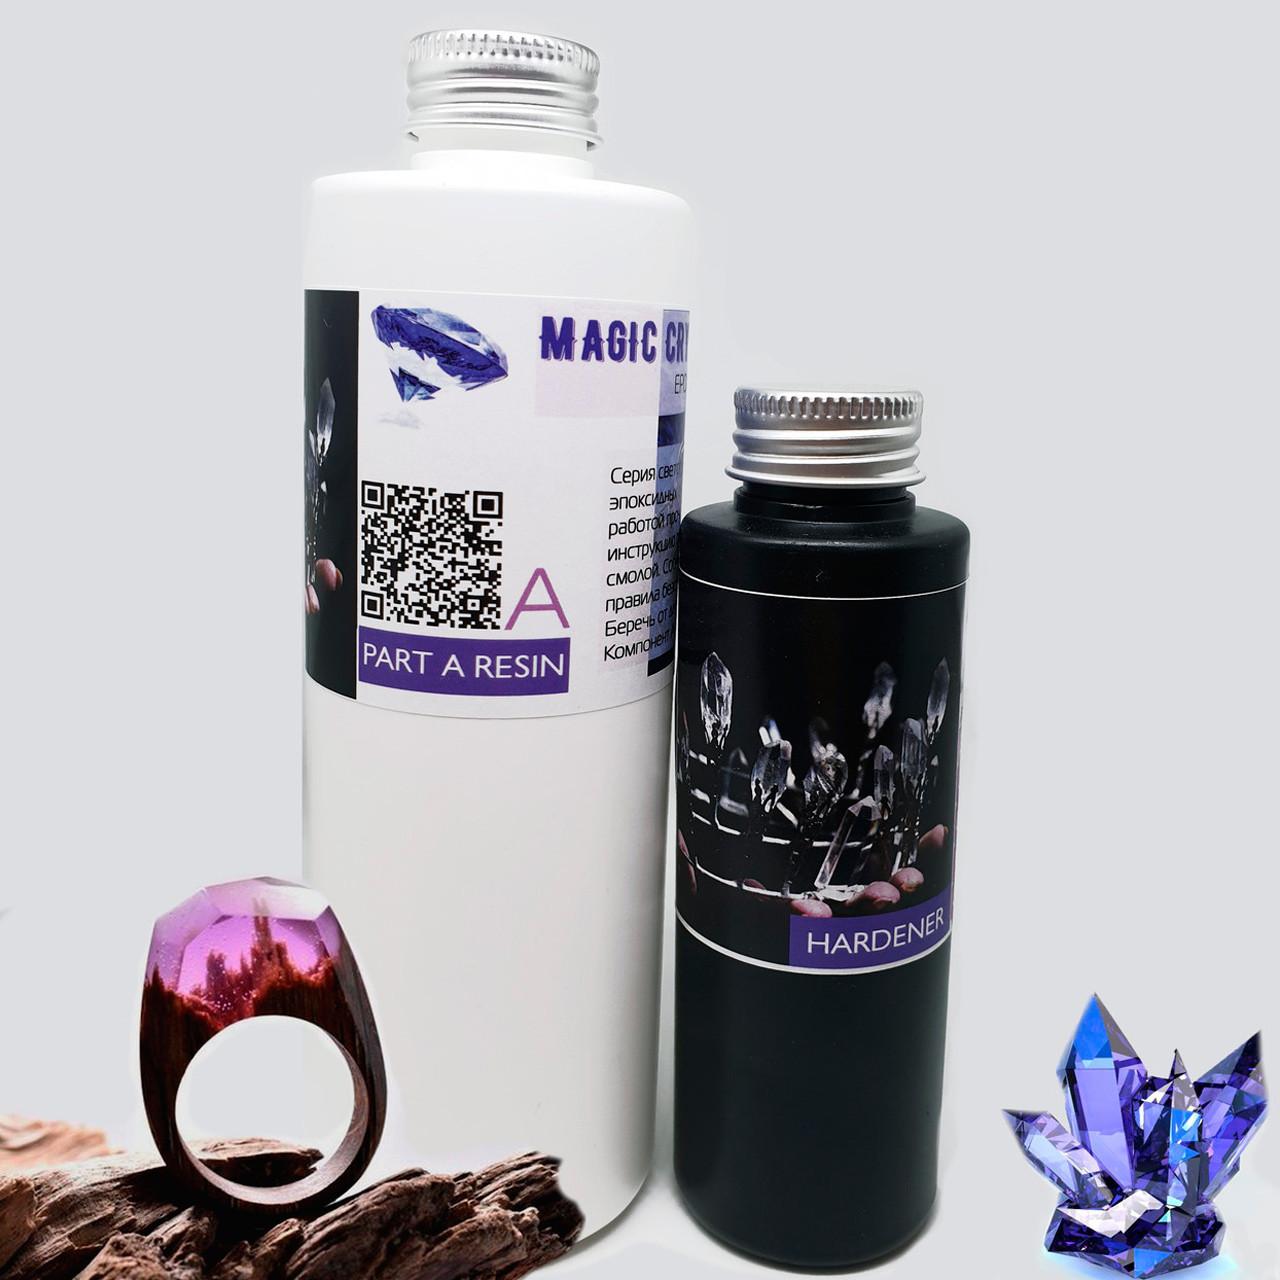 Смола эпоксидная Magic Crystal 3D Clear. Уп. 1,3 кг, прозрачная. Для декора и украшений